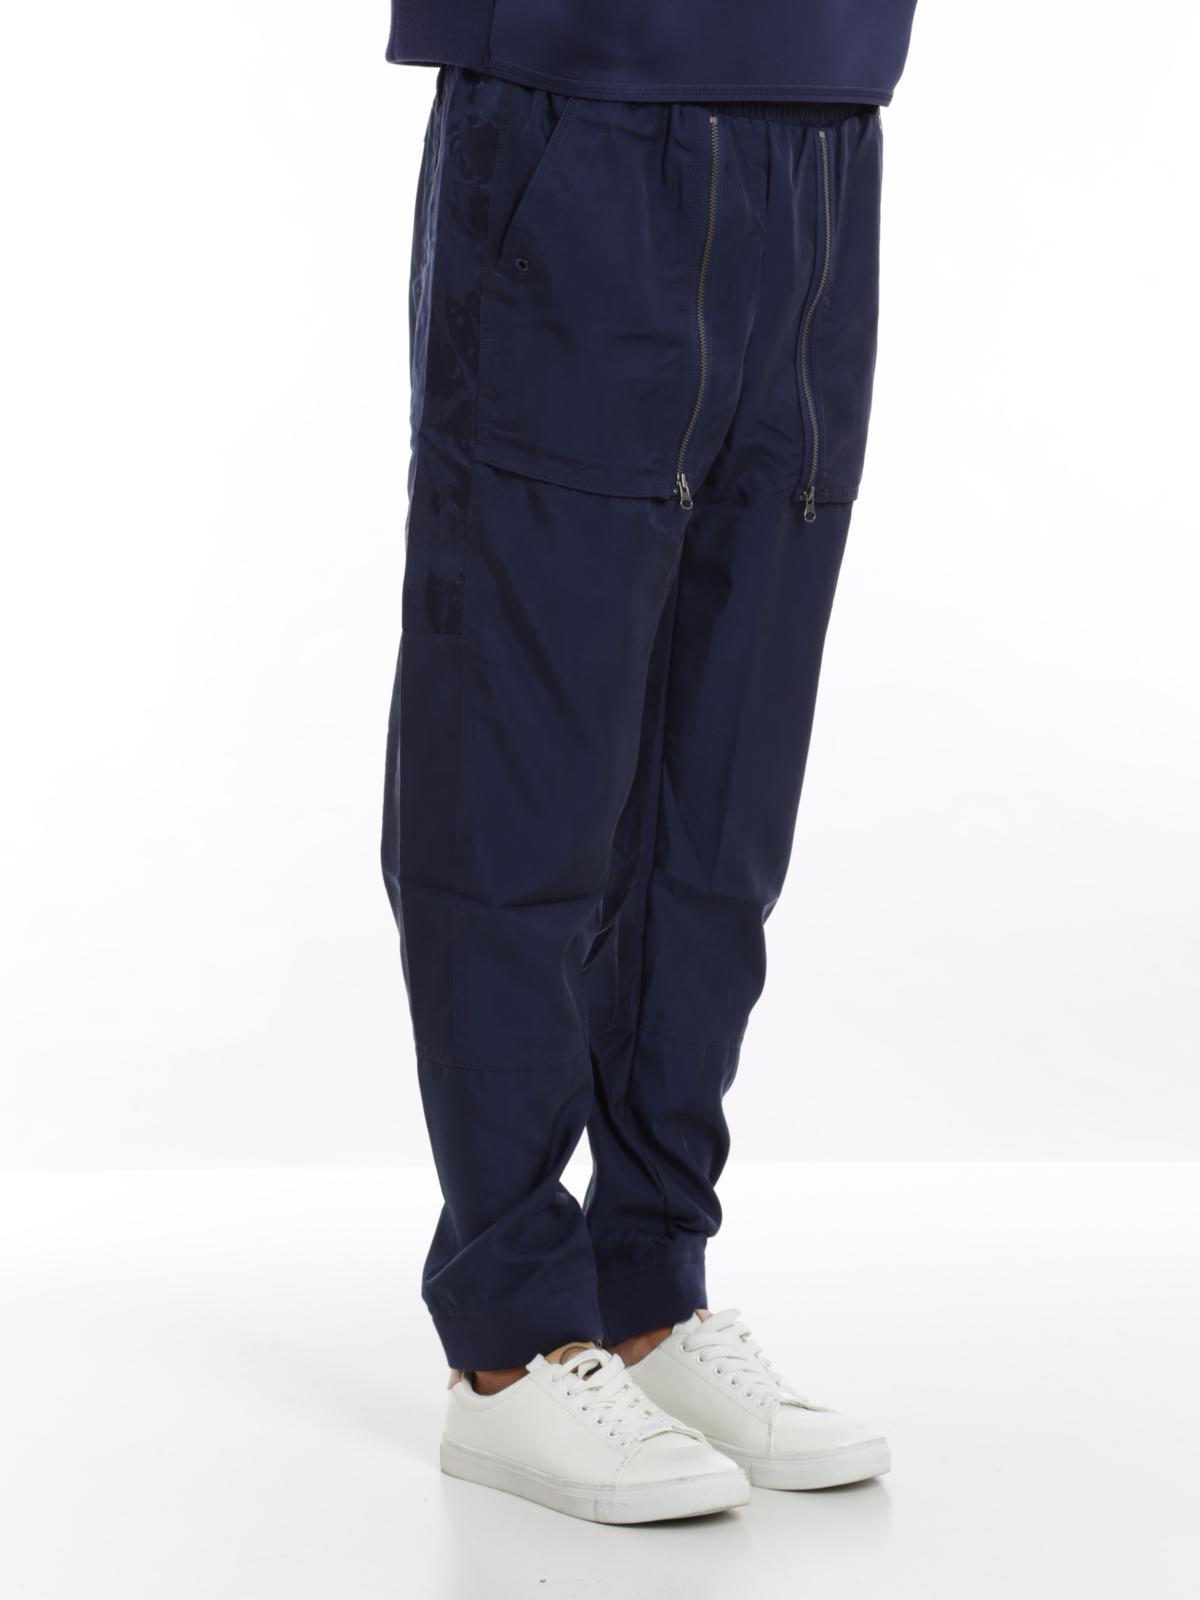 Adidas Pantaloni Essentials Mccartney By Sport Stella nxCPw6R4vq